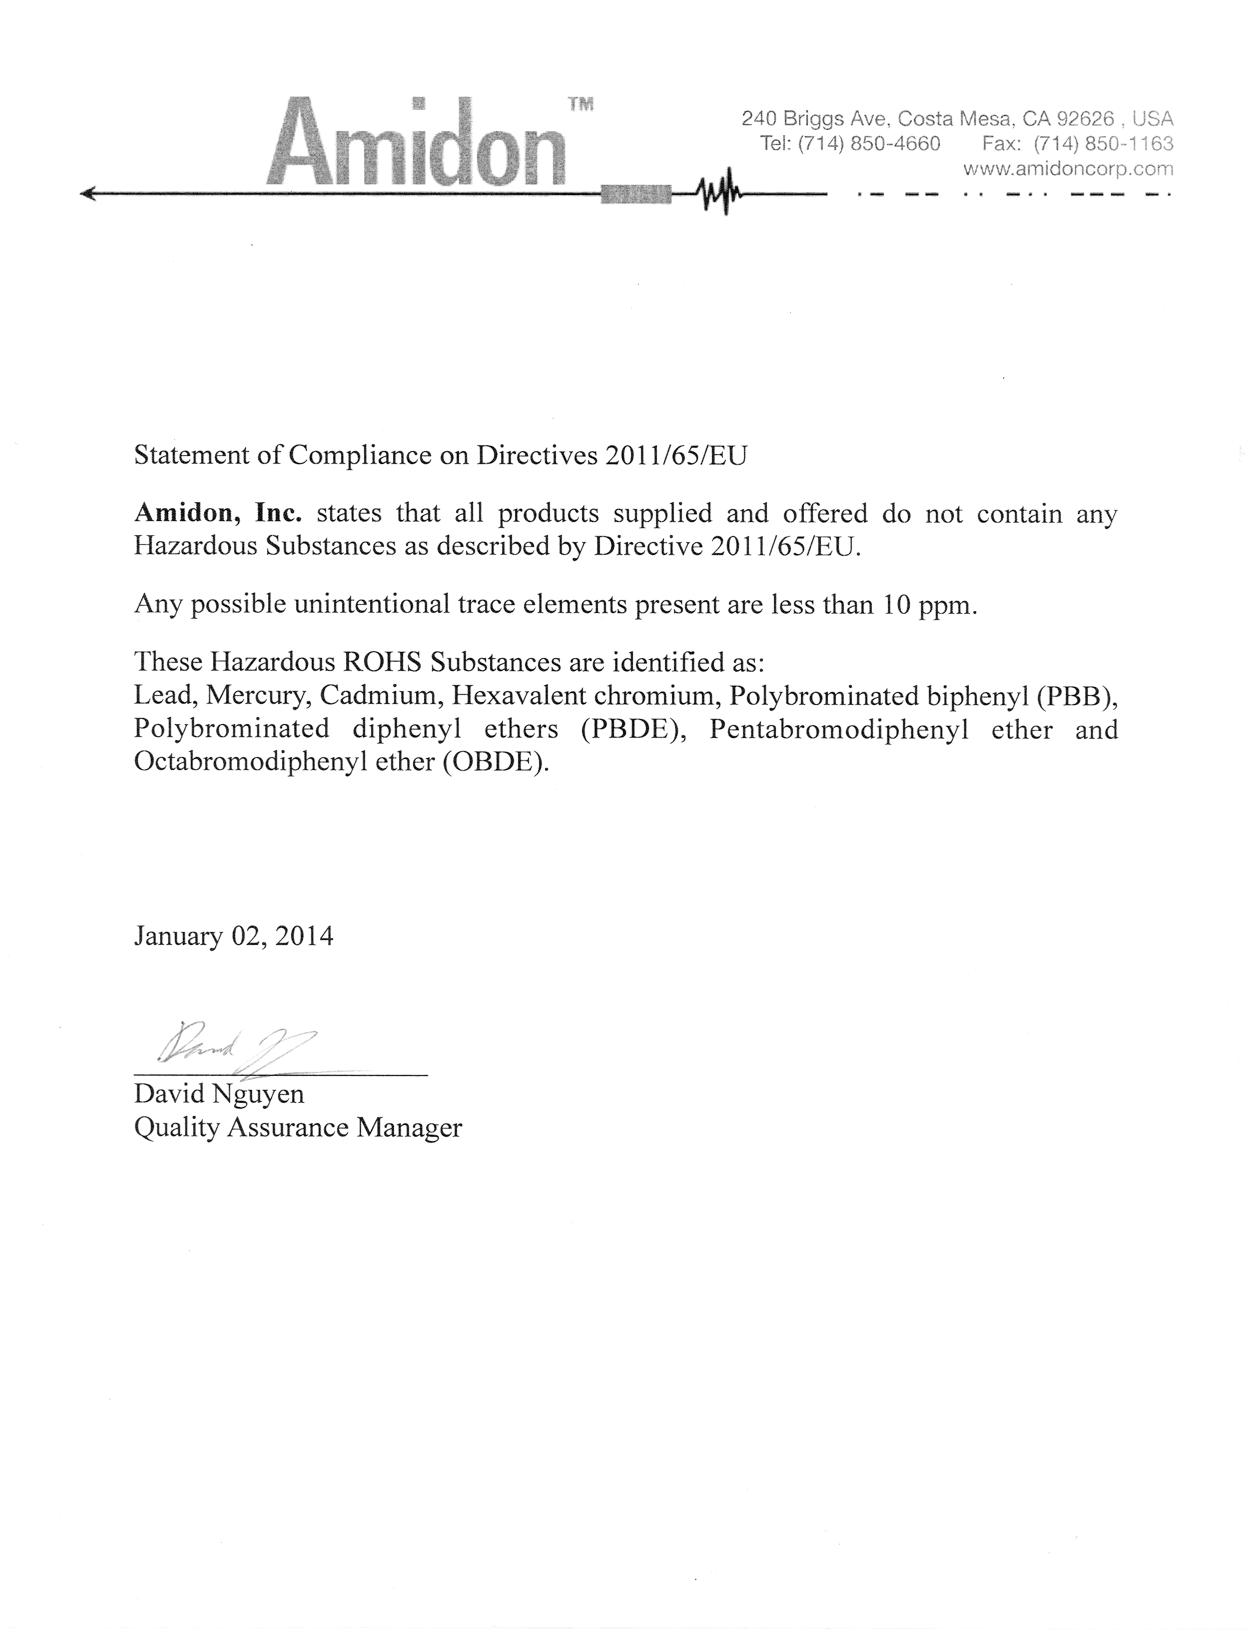 amidon-rohs-statement-20140102.png